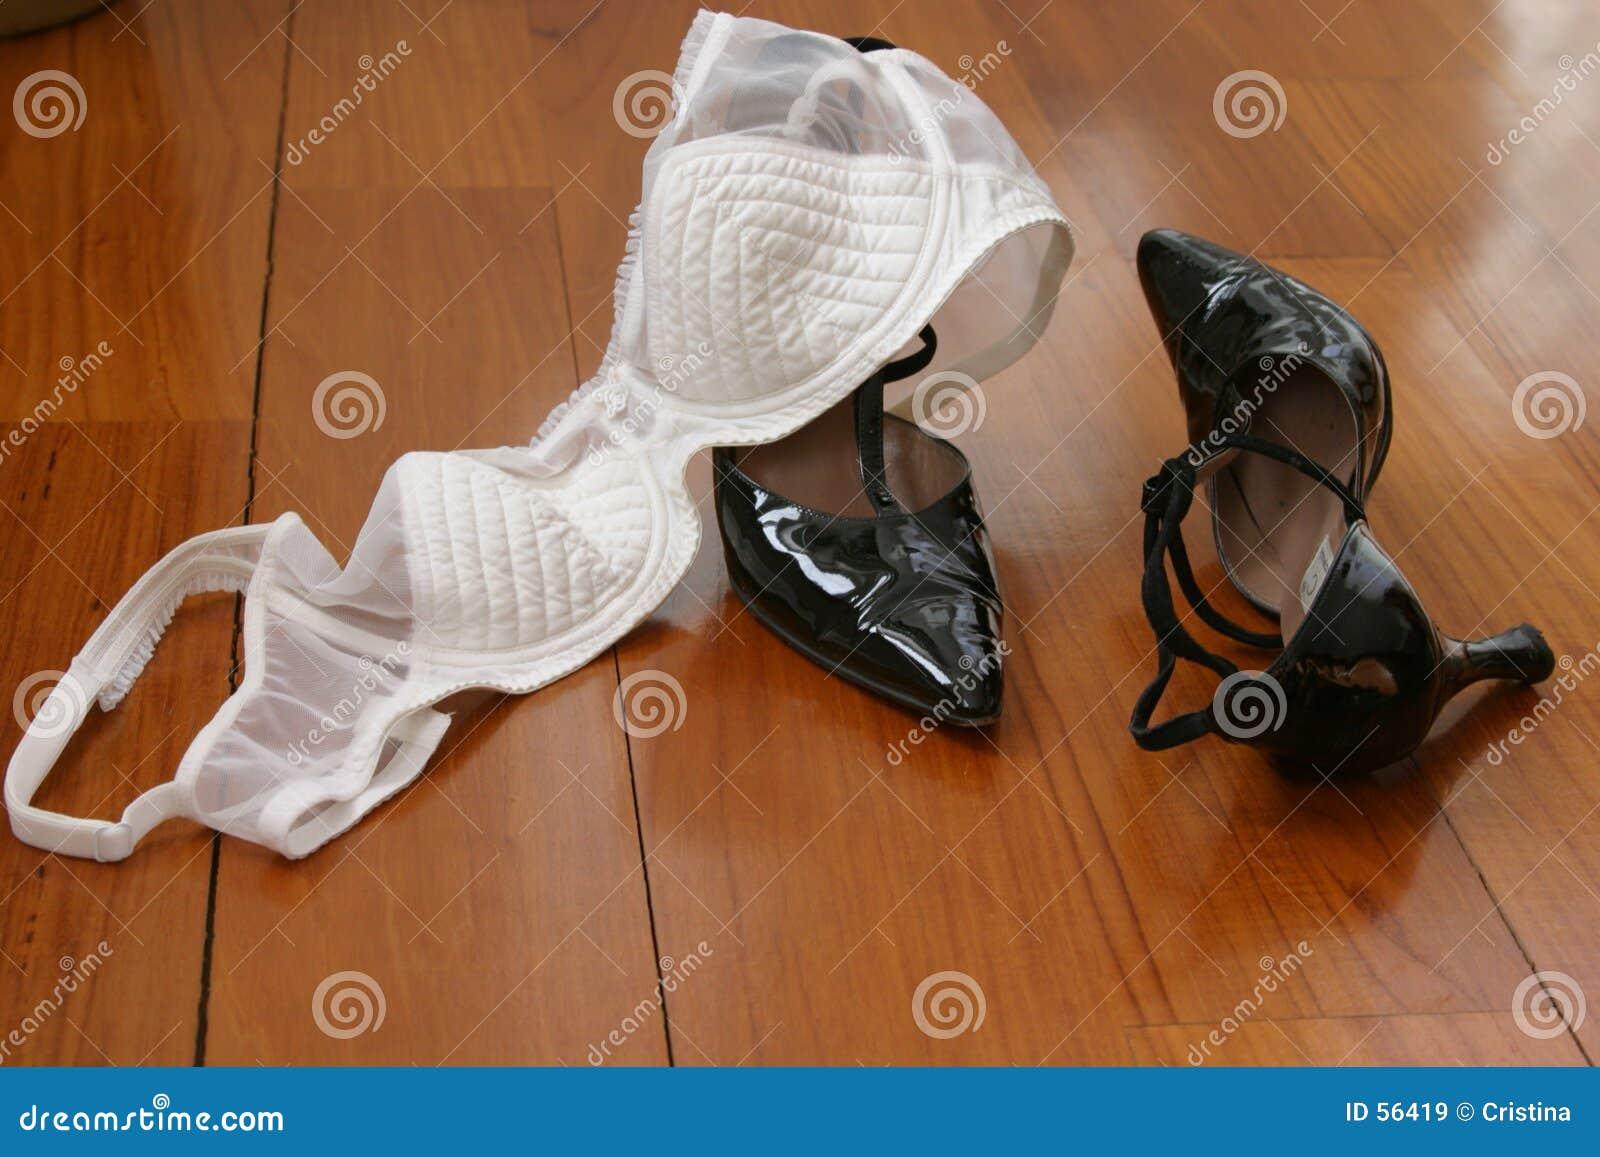 Büstenhalter und Schuhe